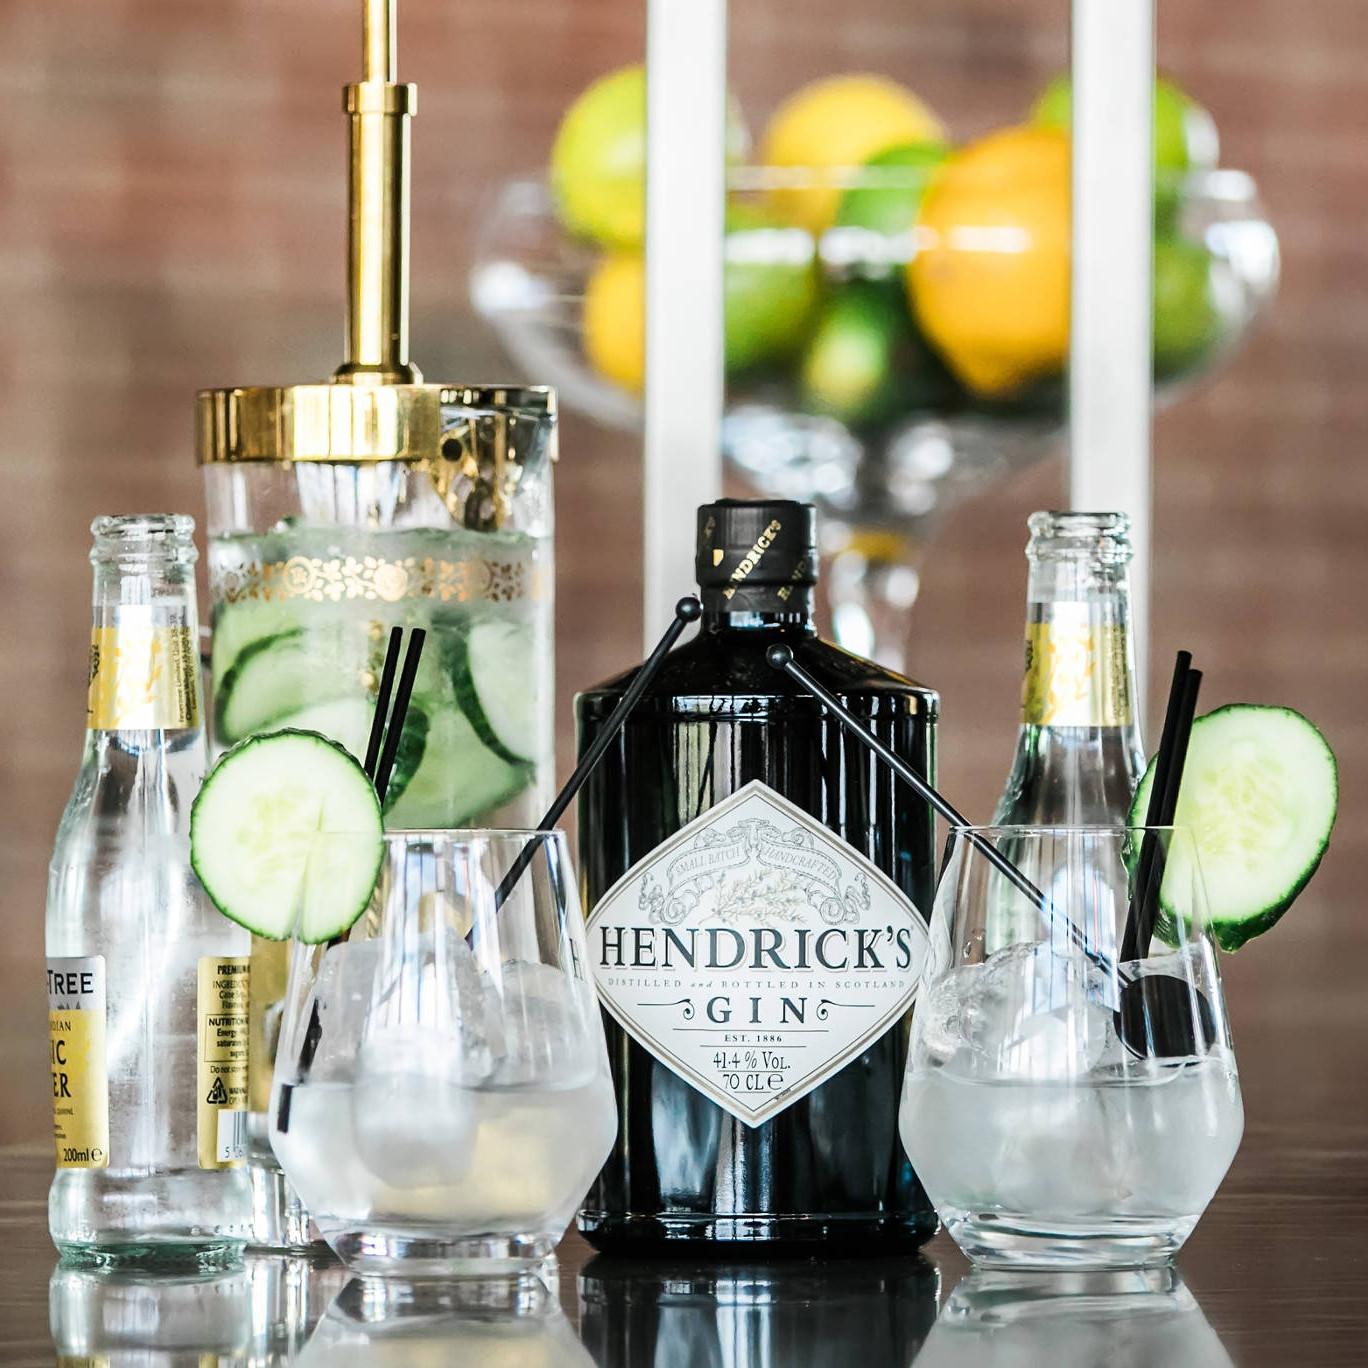 Hendrick's Gin evening